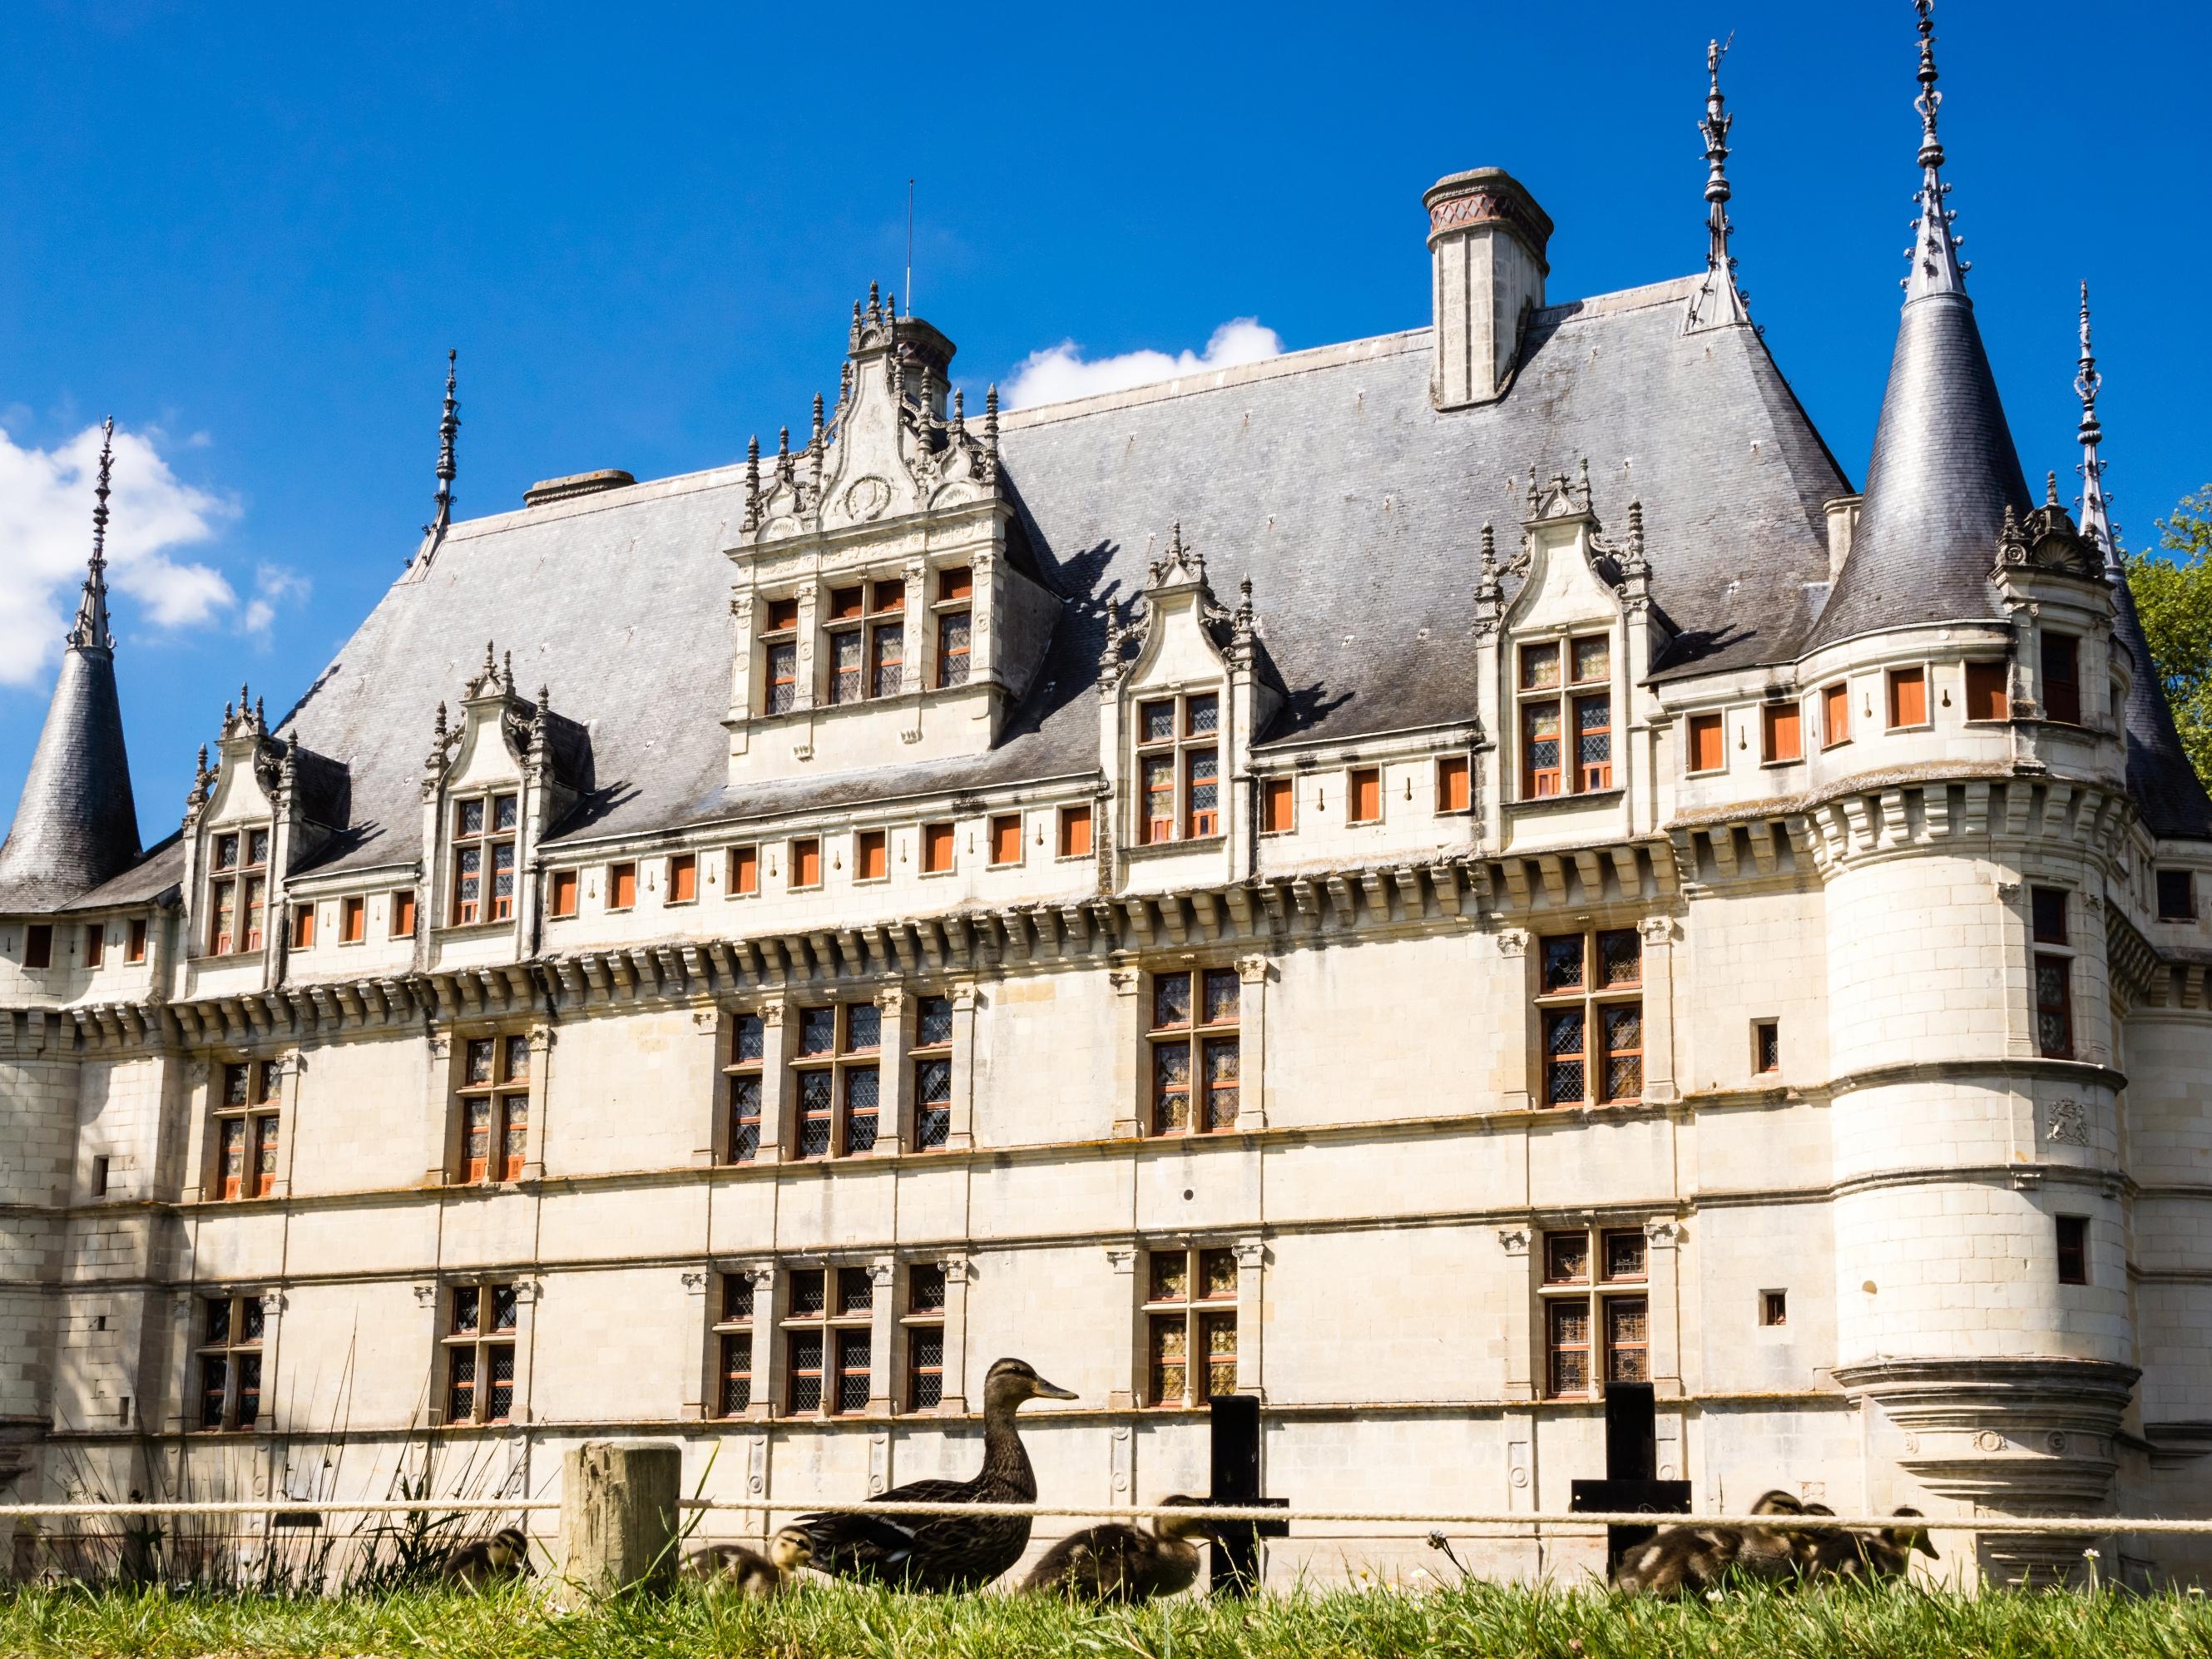 путь замки и дворцы франции картинки нее своя линия